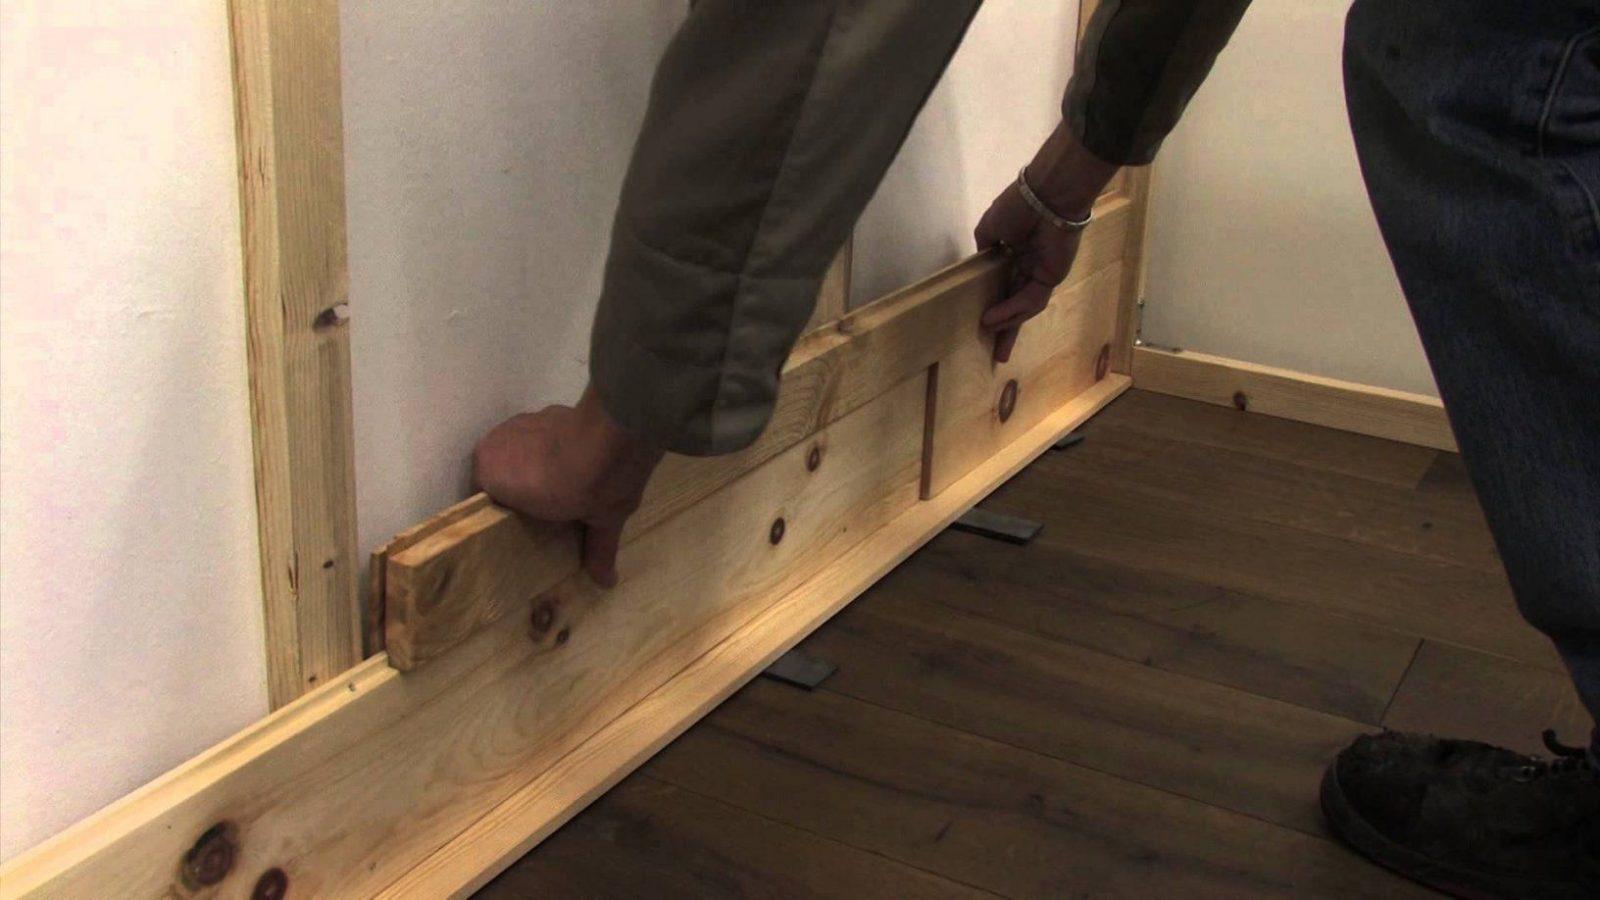 Irregolare Wandverkleidung Wandvertafelung Wandpaneele  Youtube von Wandverkleidung Holz Selber Bauen Bild